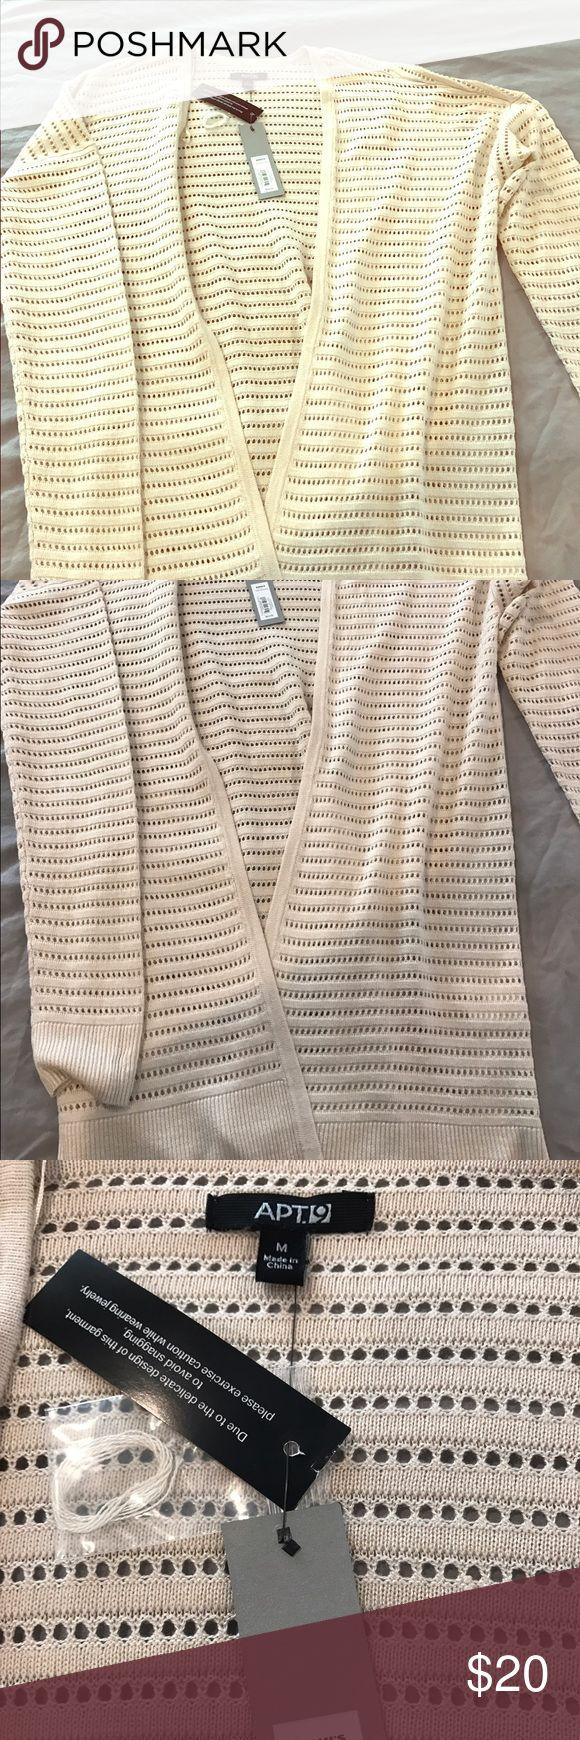 APT 9 NWT long Cami sweater jacket Long Ivory/beige Cami sweater NWT size Med Apt. 9 Sweaters Cardigans